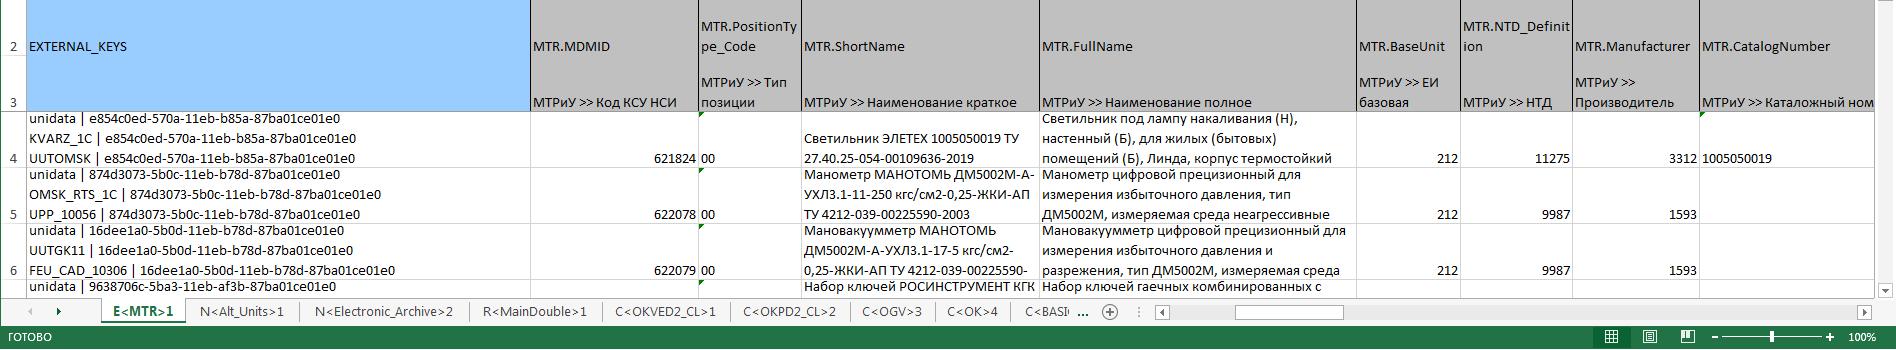 Пример стандартной выгрузки из системы, связи и классификация приведены в отдельных вкладках